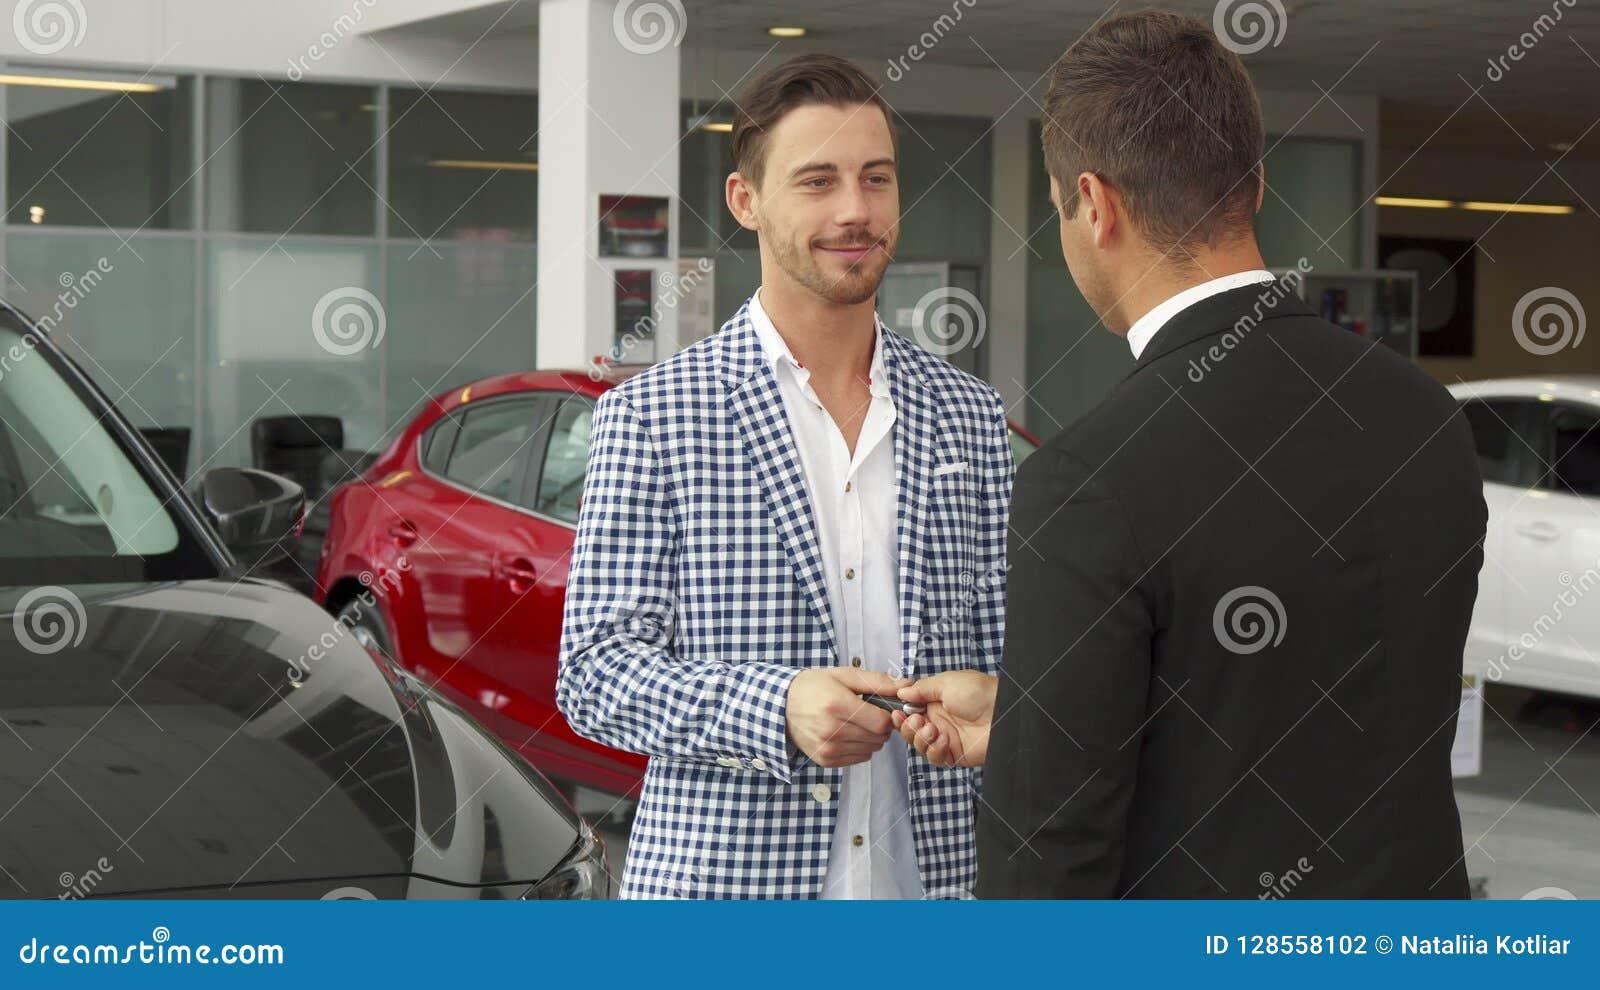 Ο ευτυχής αγοραστής και ο πωλητής κάνουν μια διαπραγμάτευση της αγοράς ενός αυτοκινήτου